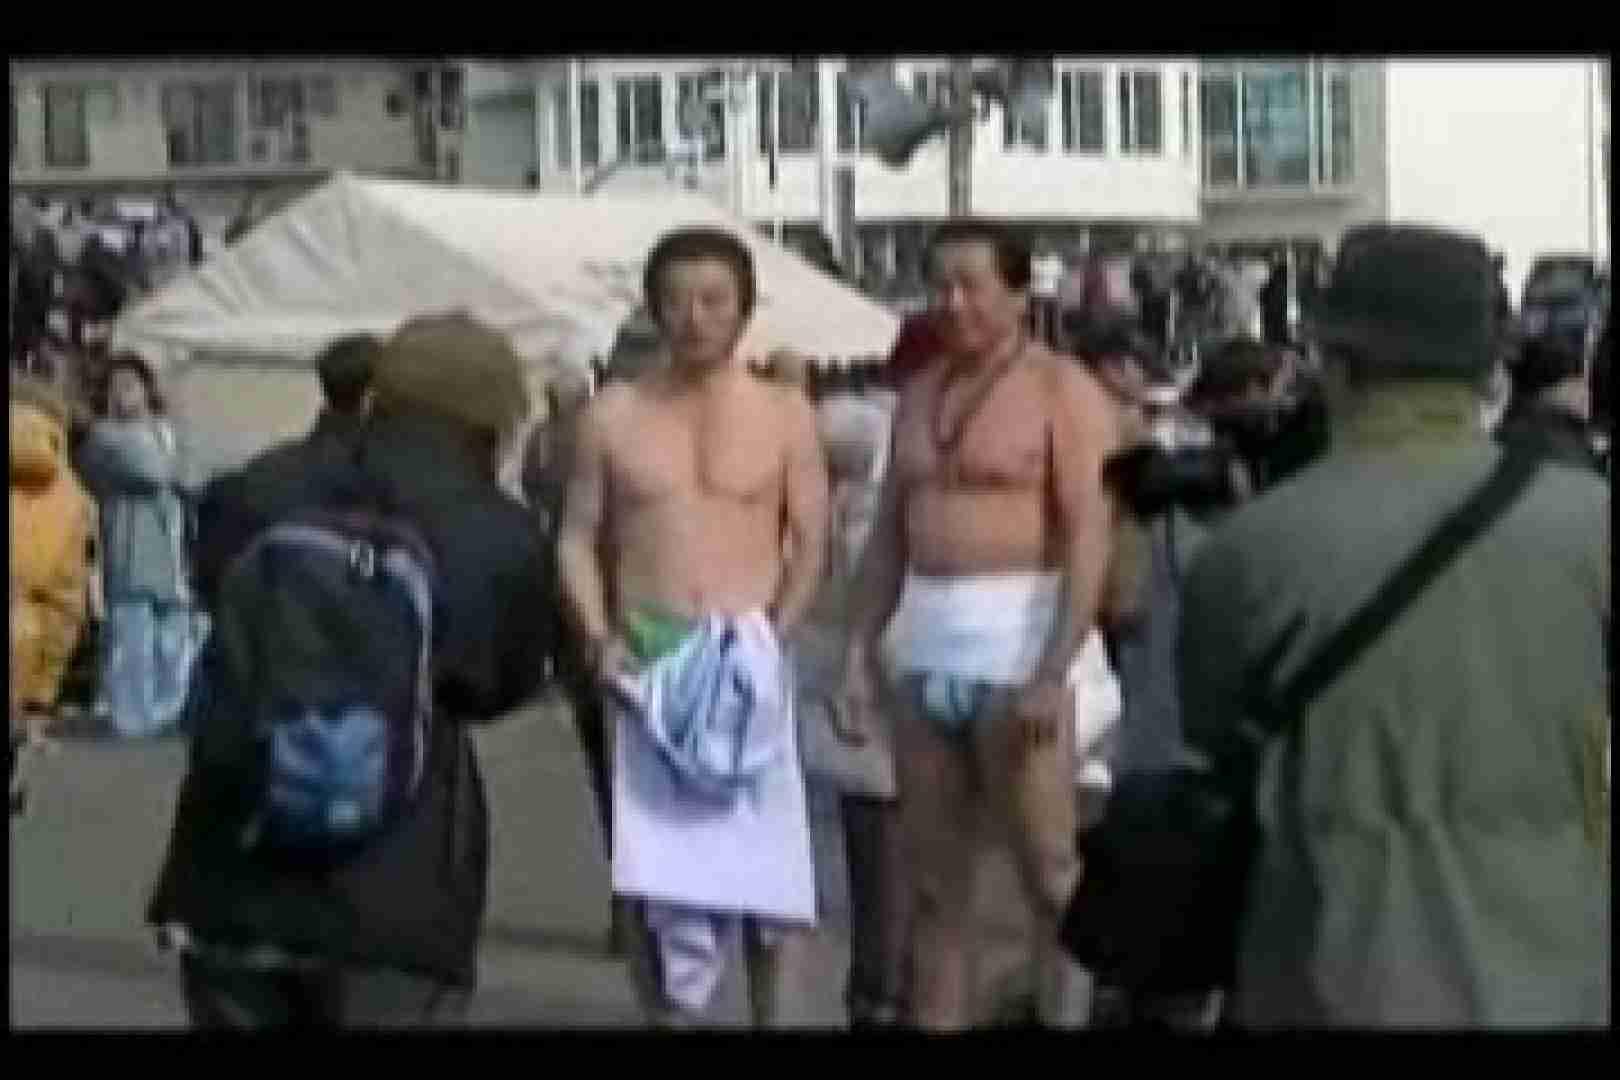 ゲイ 肉棒 動画|陰間茶屋 男児祭り VOL.1|野外露出